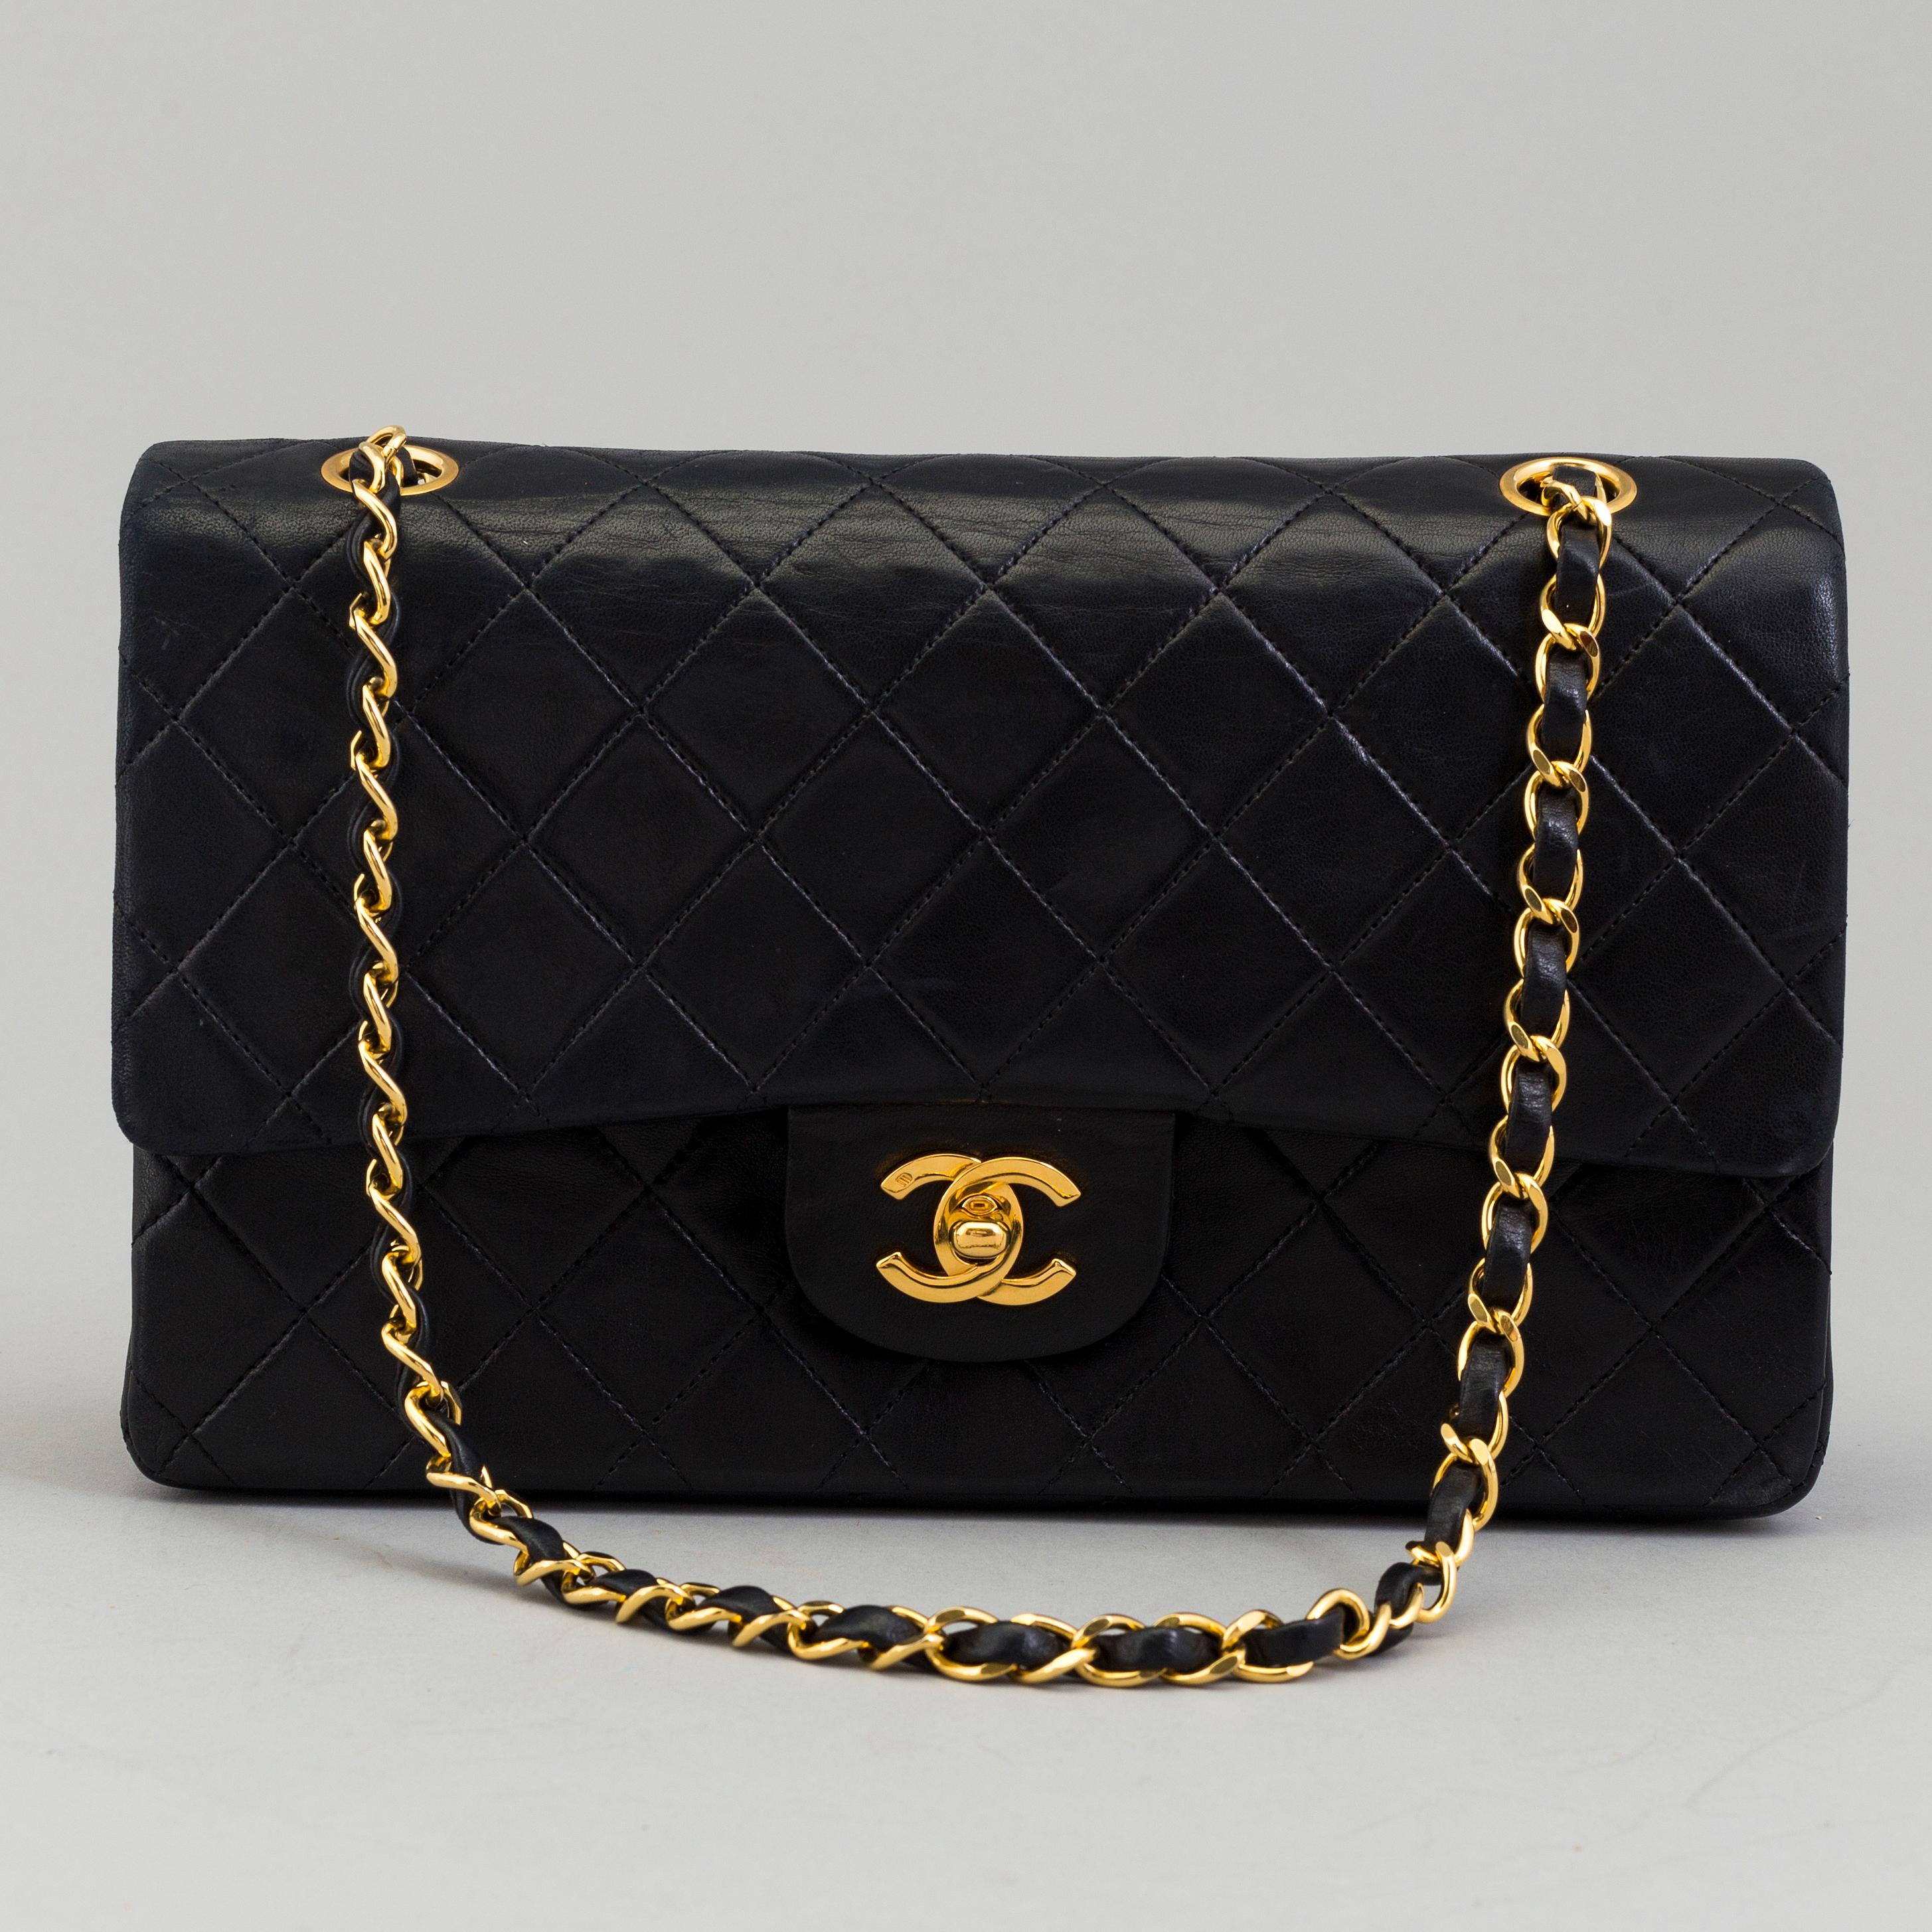 Chanel väska åhlens : Chanel v?ska sverige